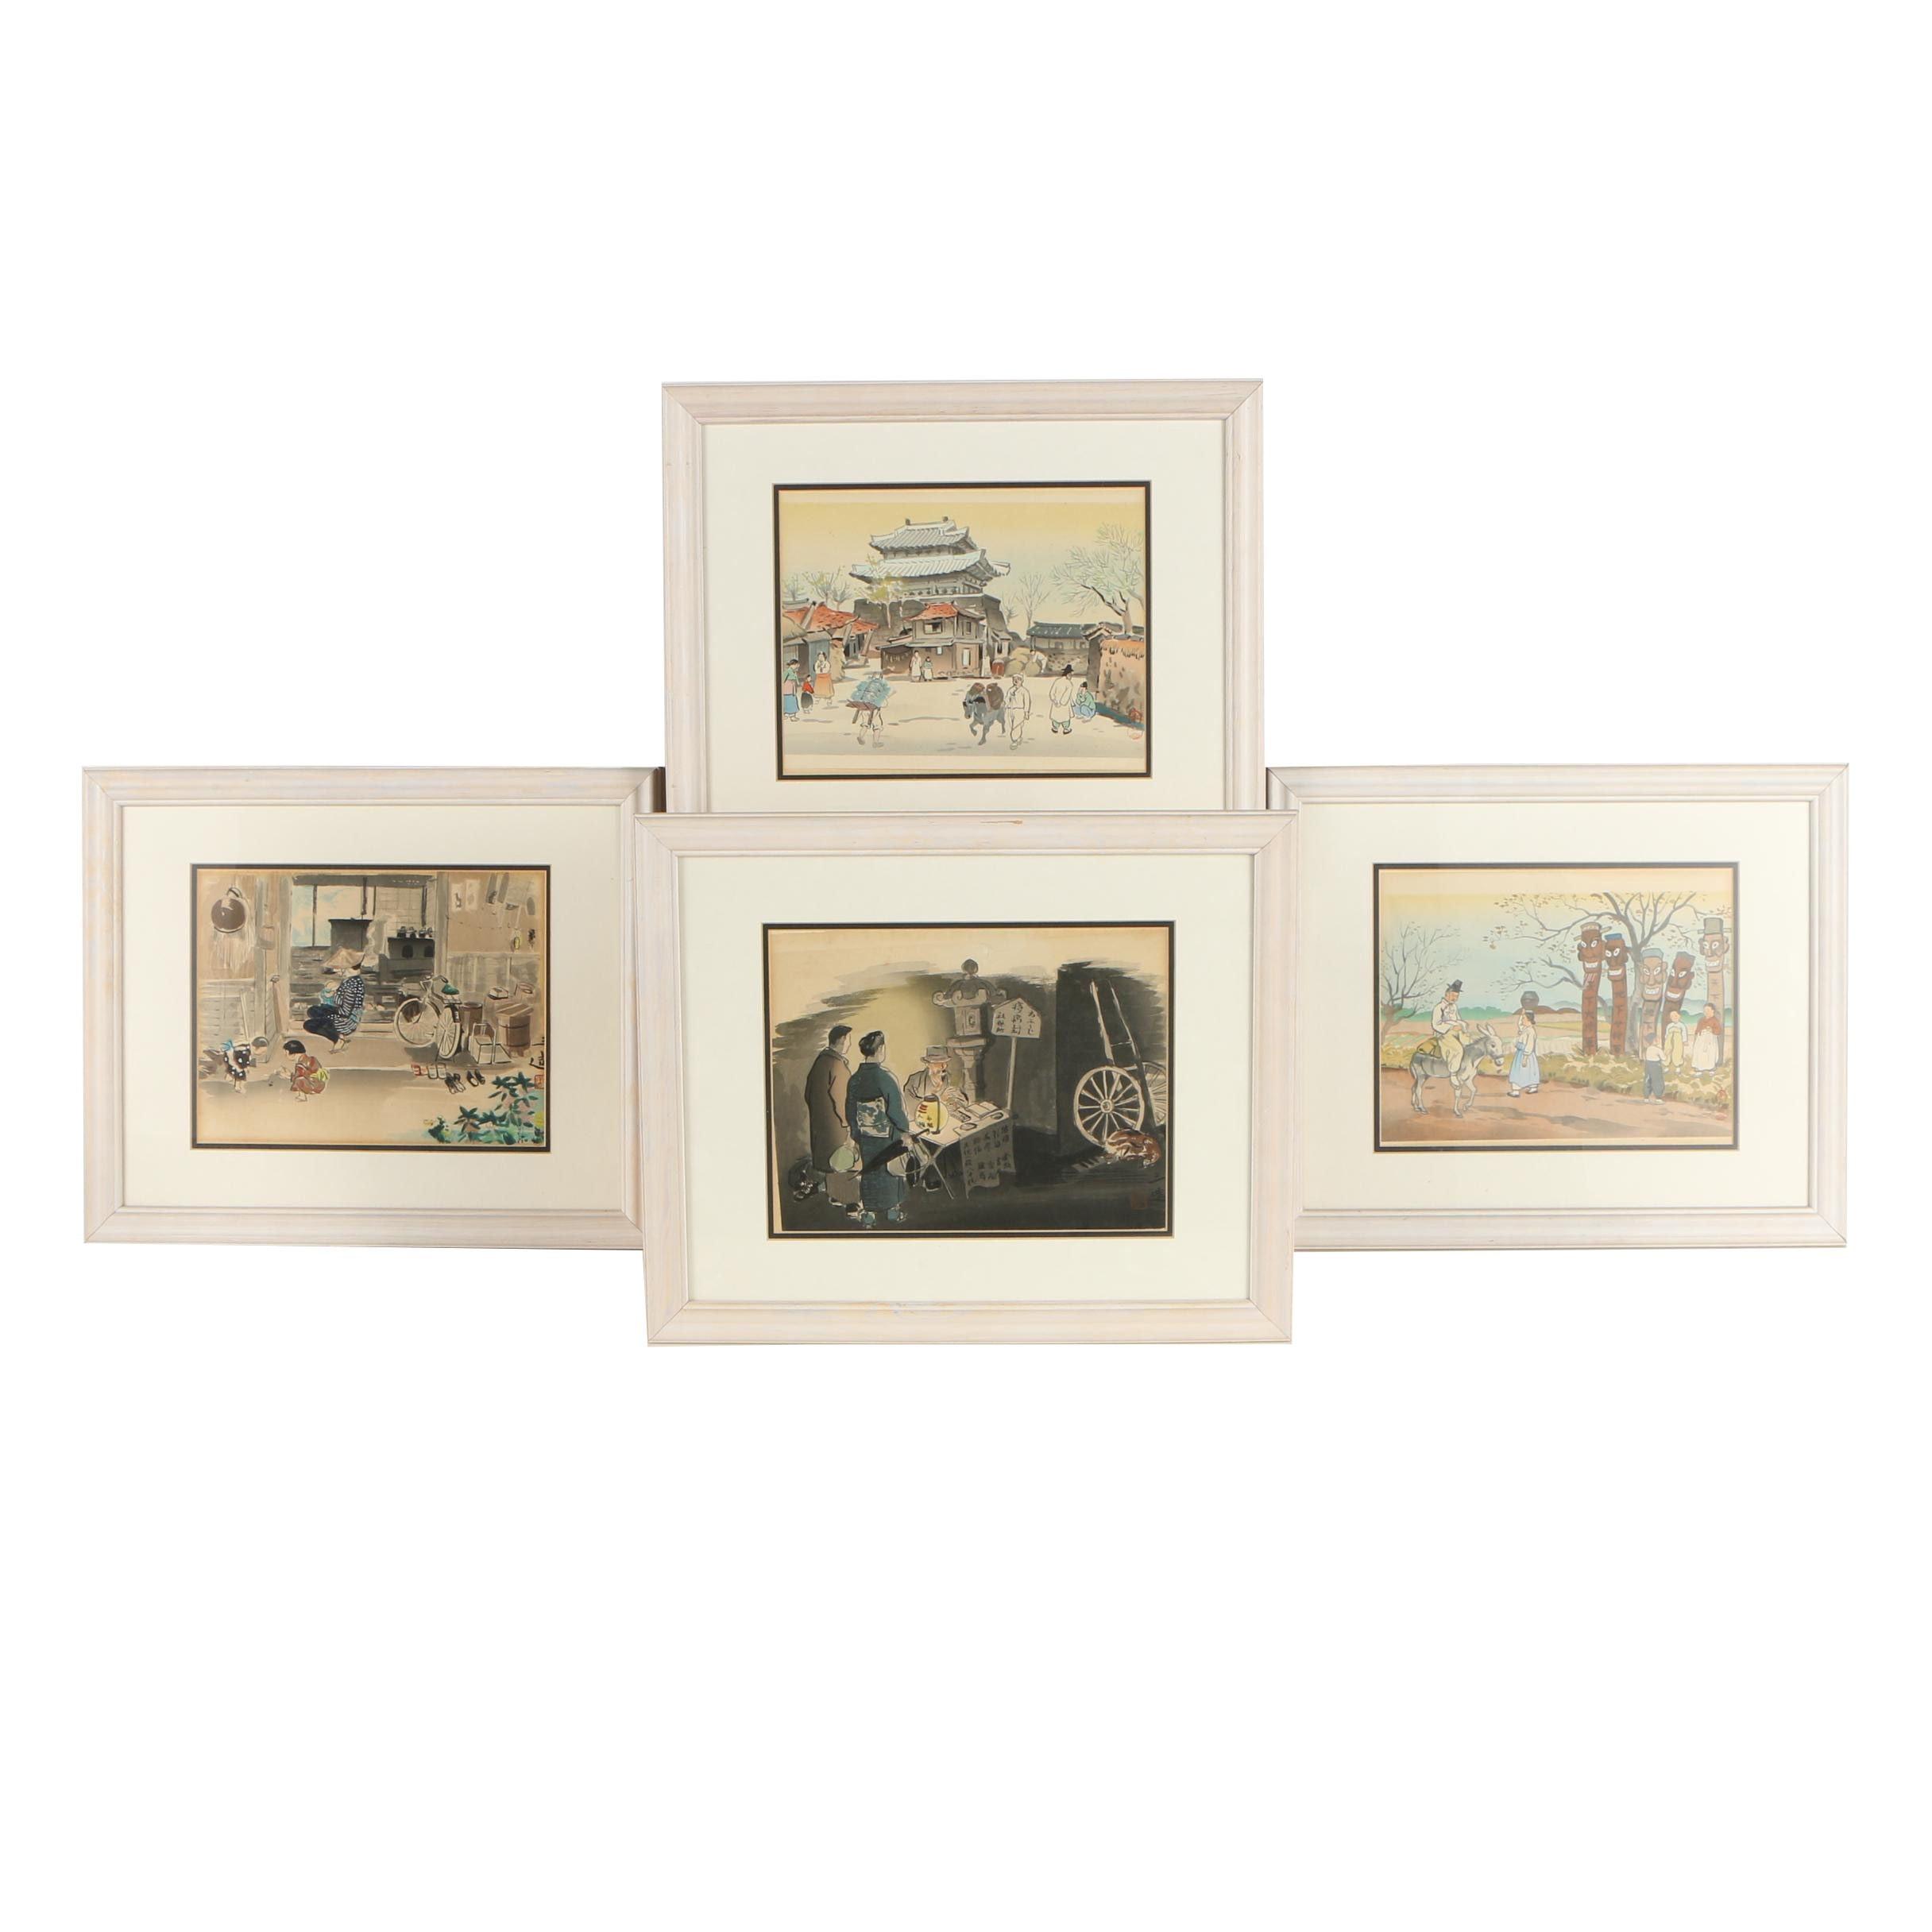 Wada Sanzo and Hiyoshi Mamoru Mid Century Japanese Woodblock Prints